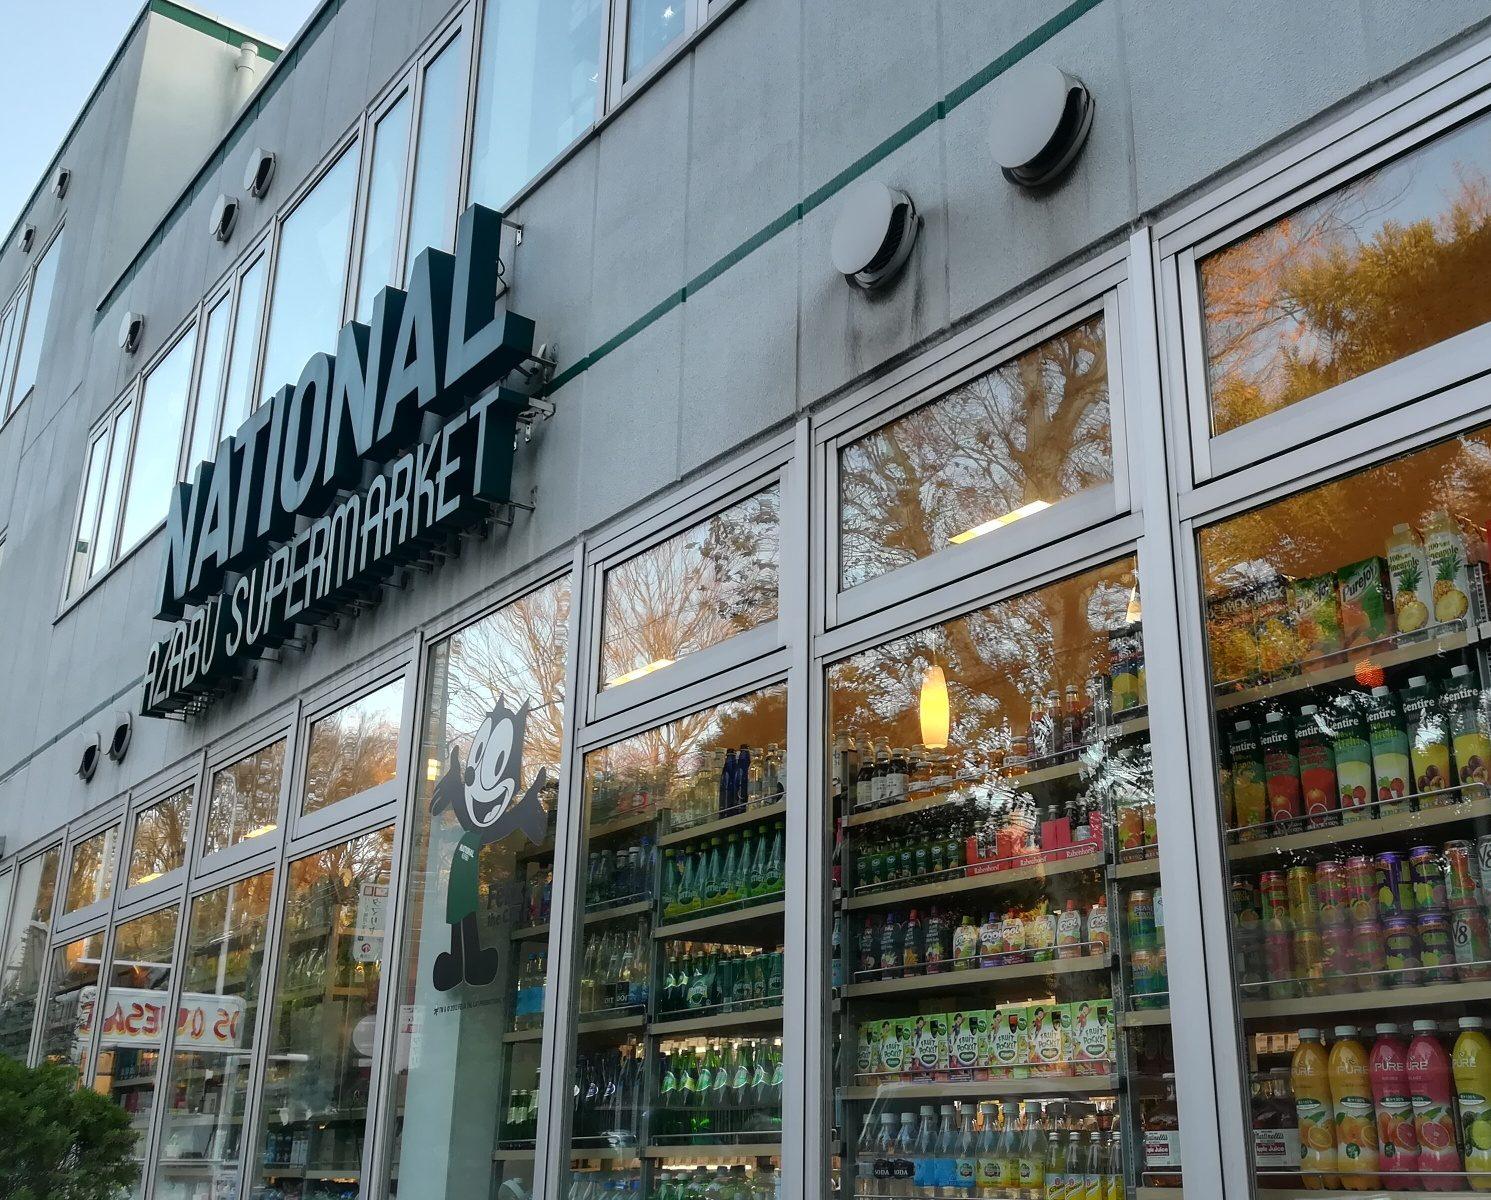 広尾で外国人御用達のおいしいスイーツ店と輸入食材&雑貨店を巡ろう